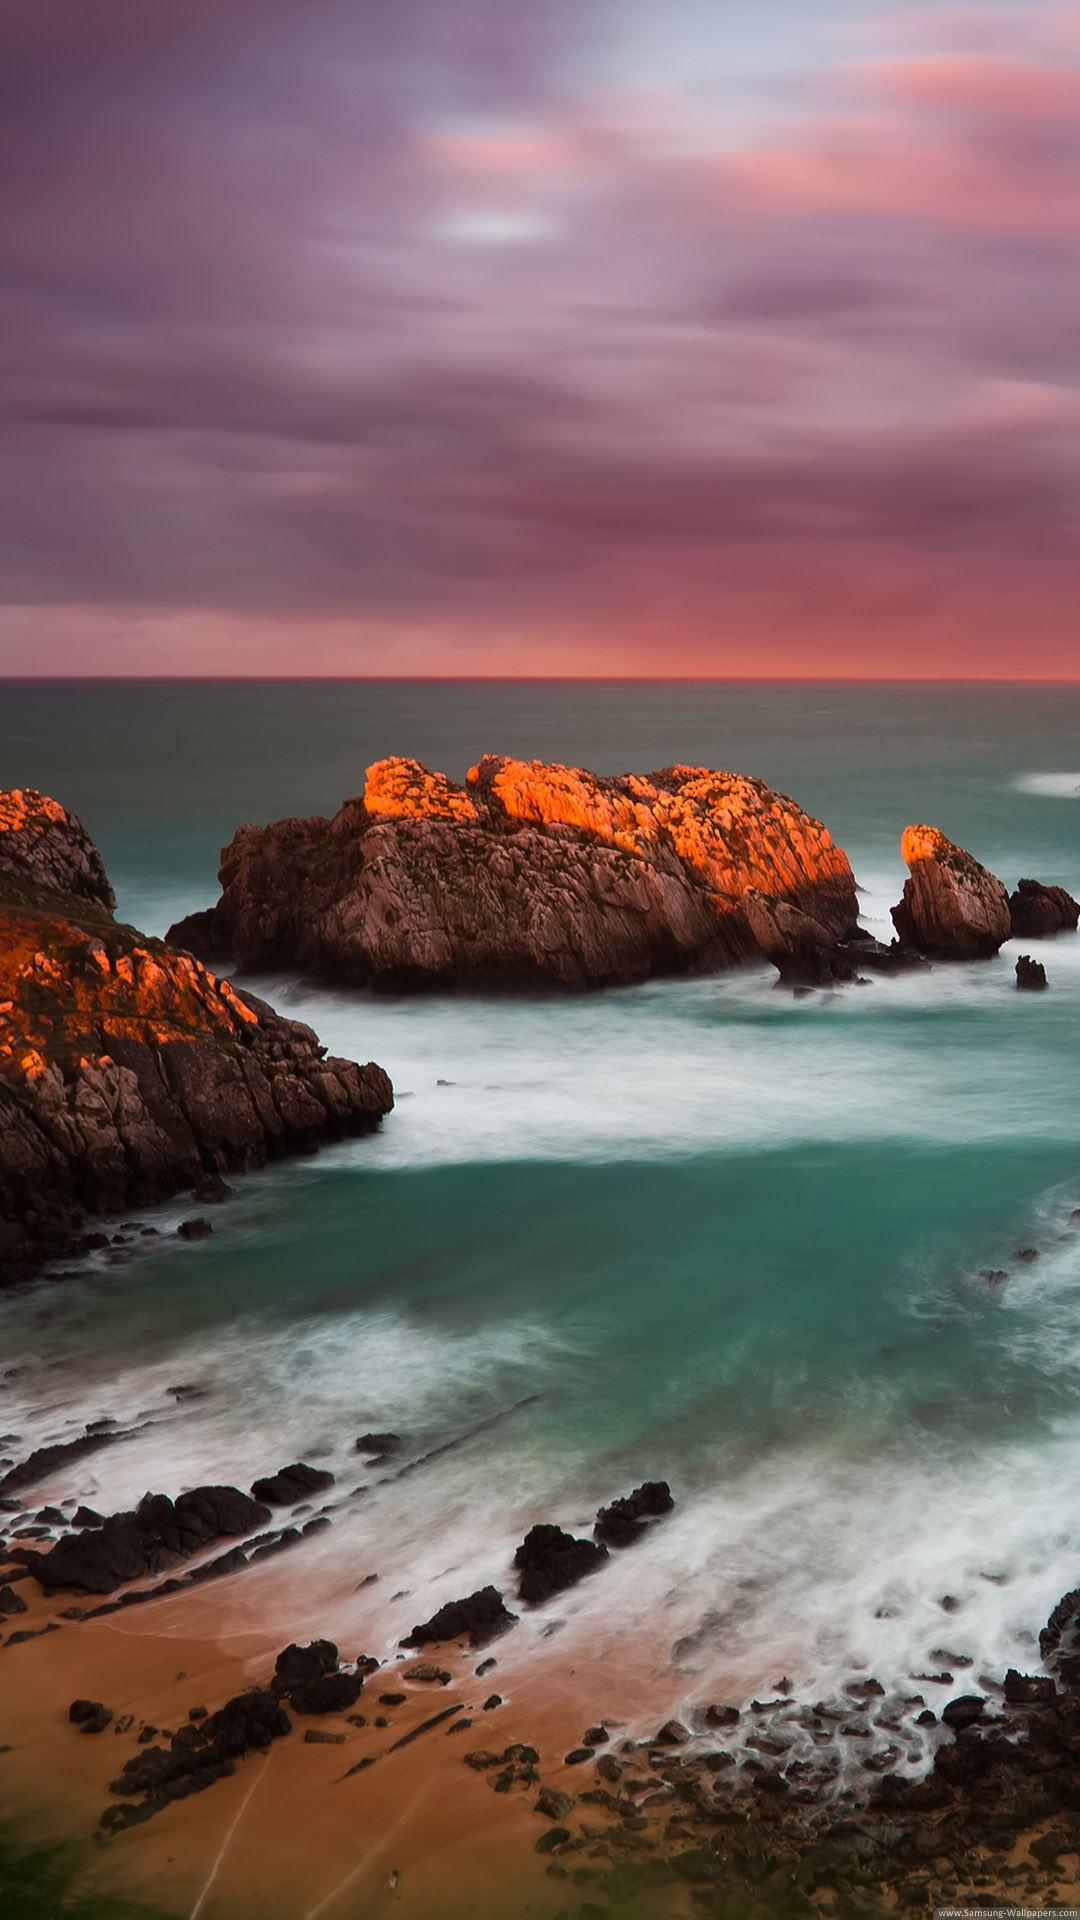 Cantabria Beach iPhone 6 Plus HD Wallpaper